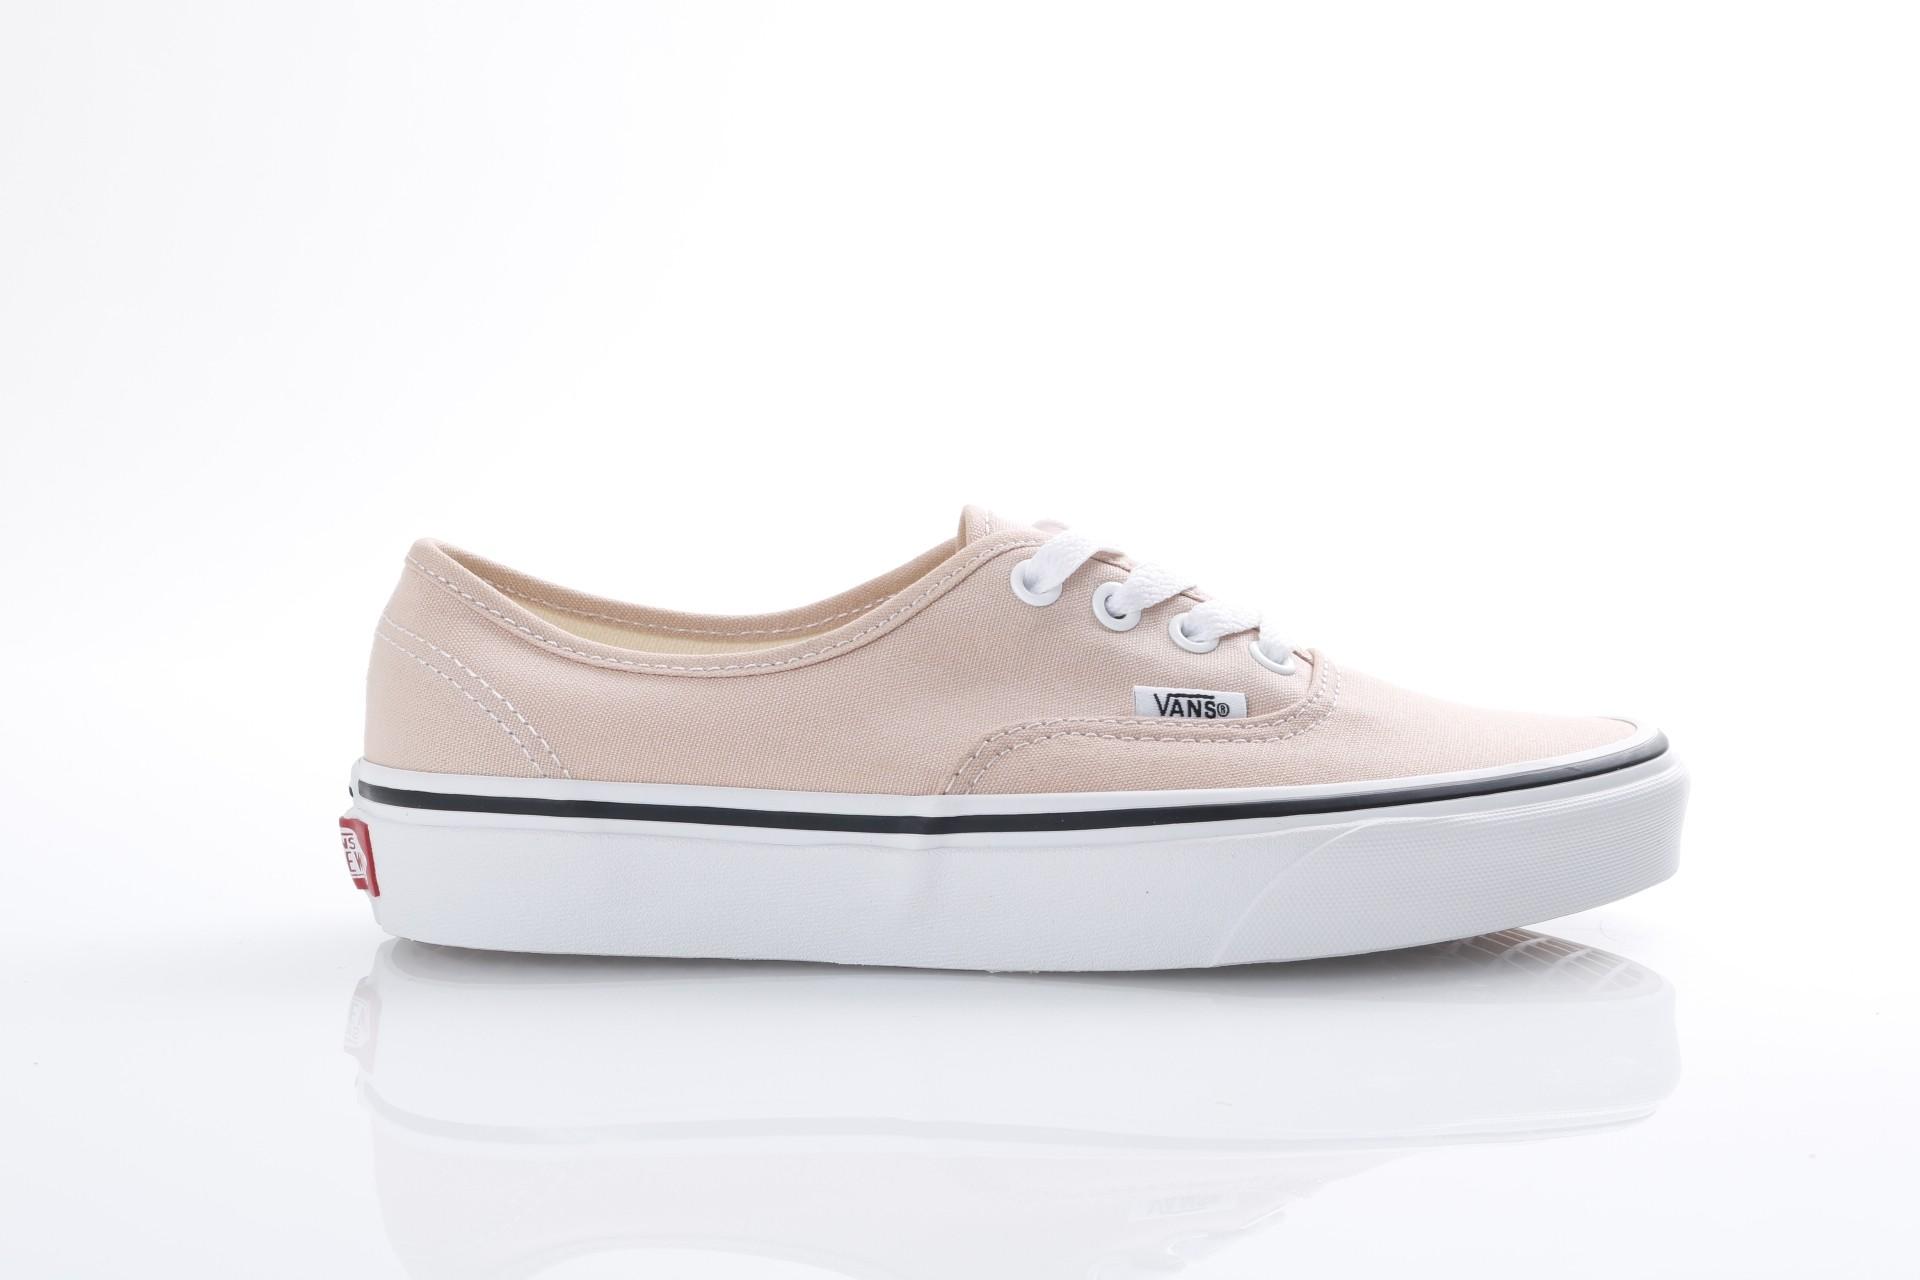 Afbeelding van Vans Classics VA38EM-Q9X Sneakers Authentic Frappe/true white